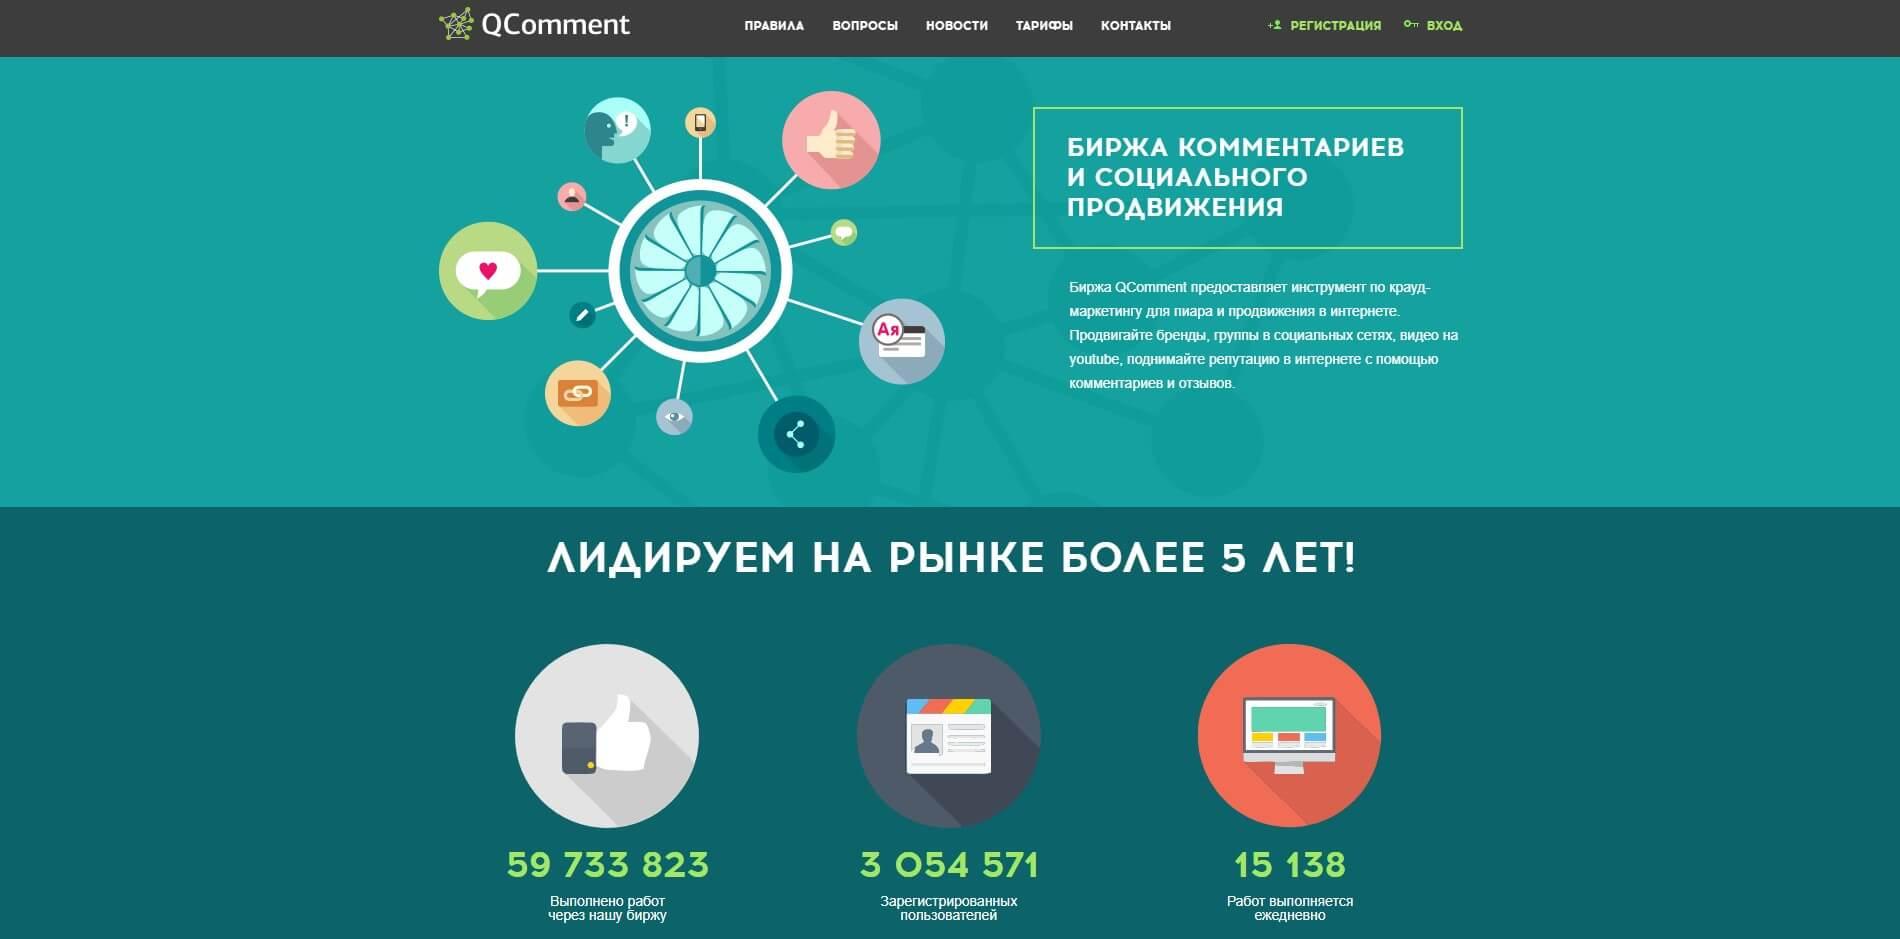 sajt-qcomment-ru-glavnaya-stranicza